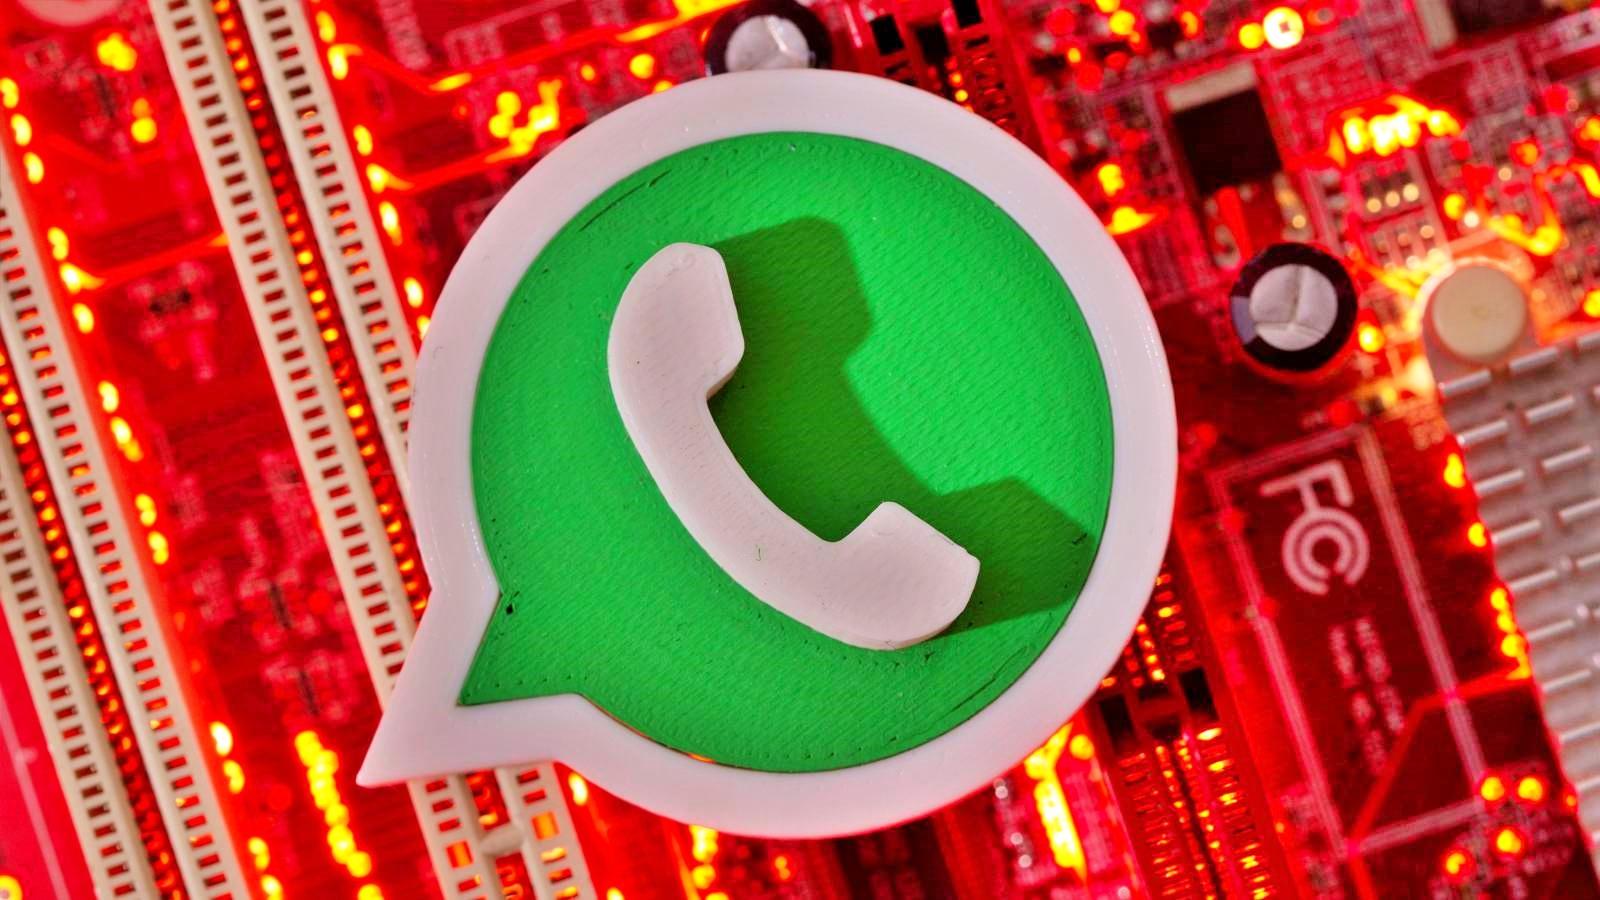 WhatsApp tainuire